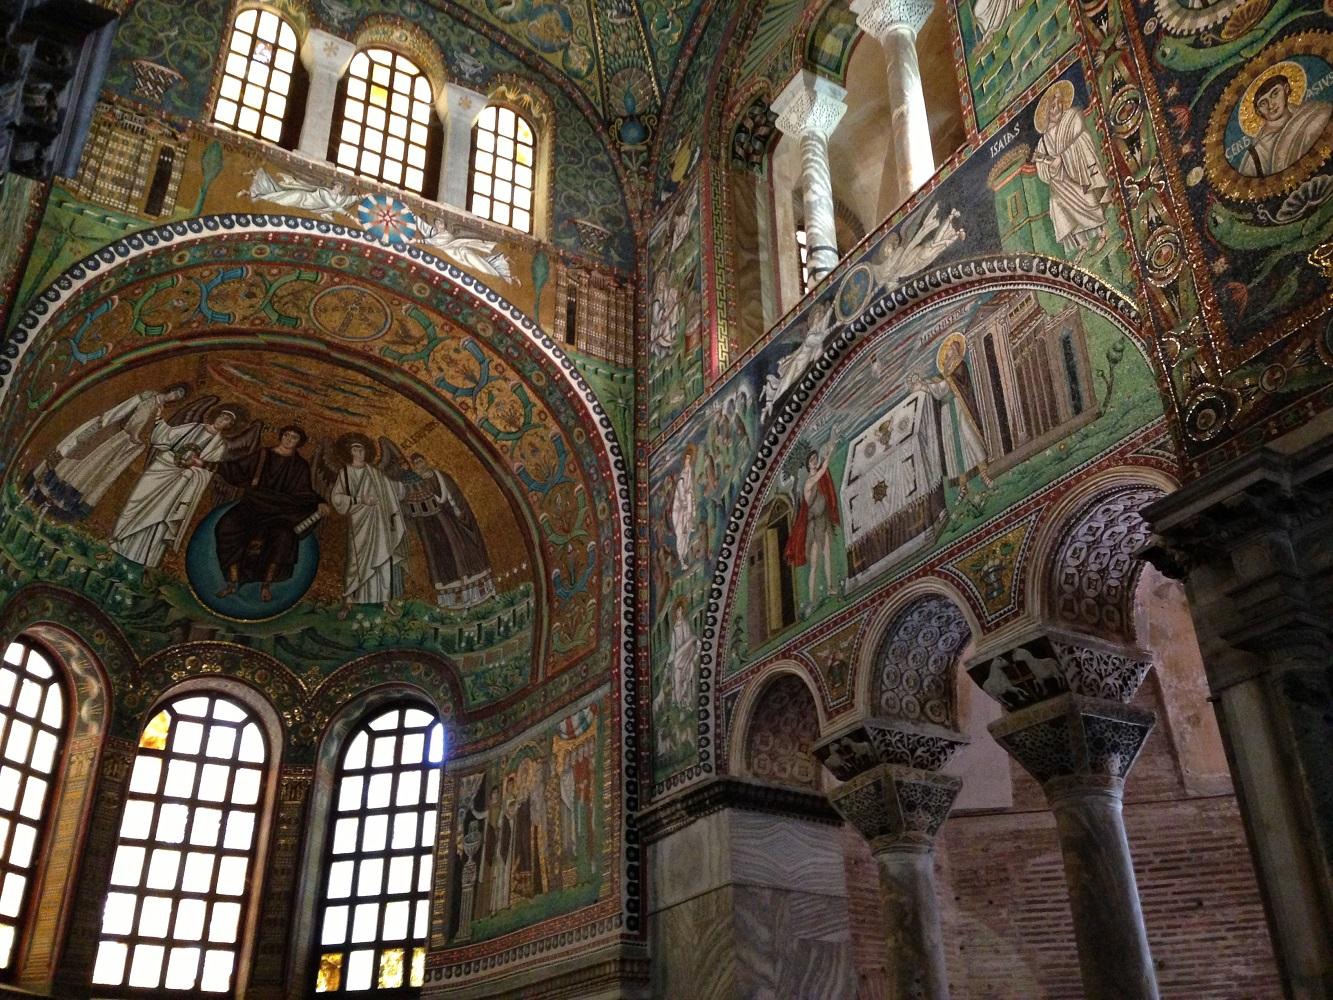 Mein Schiff Sehenswürdigkeit in Ravenna: Die Kirche San Vitale